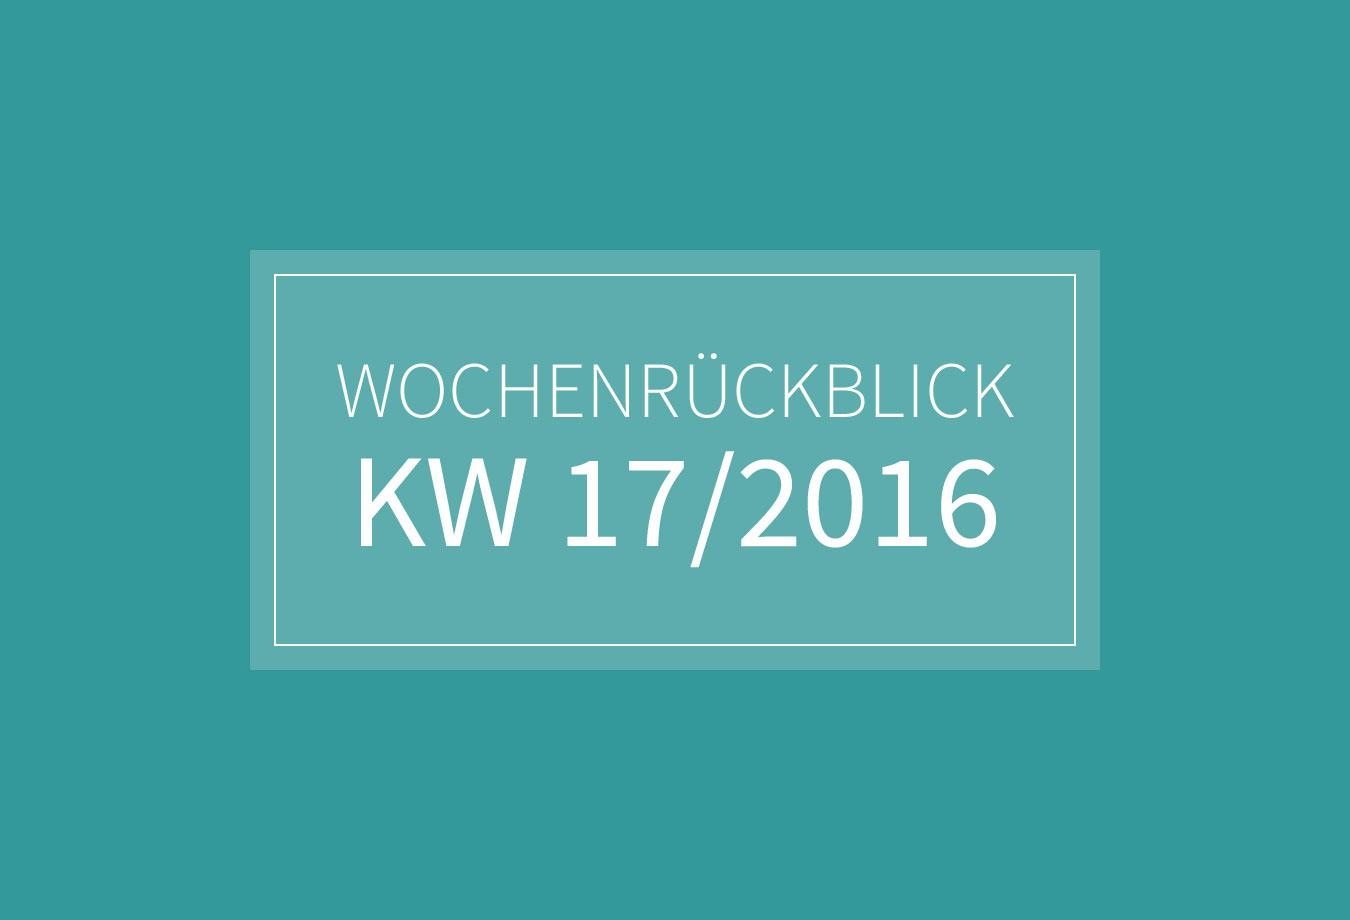 KW 17 - Wochenrückblick